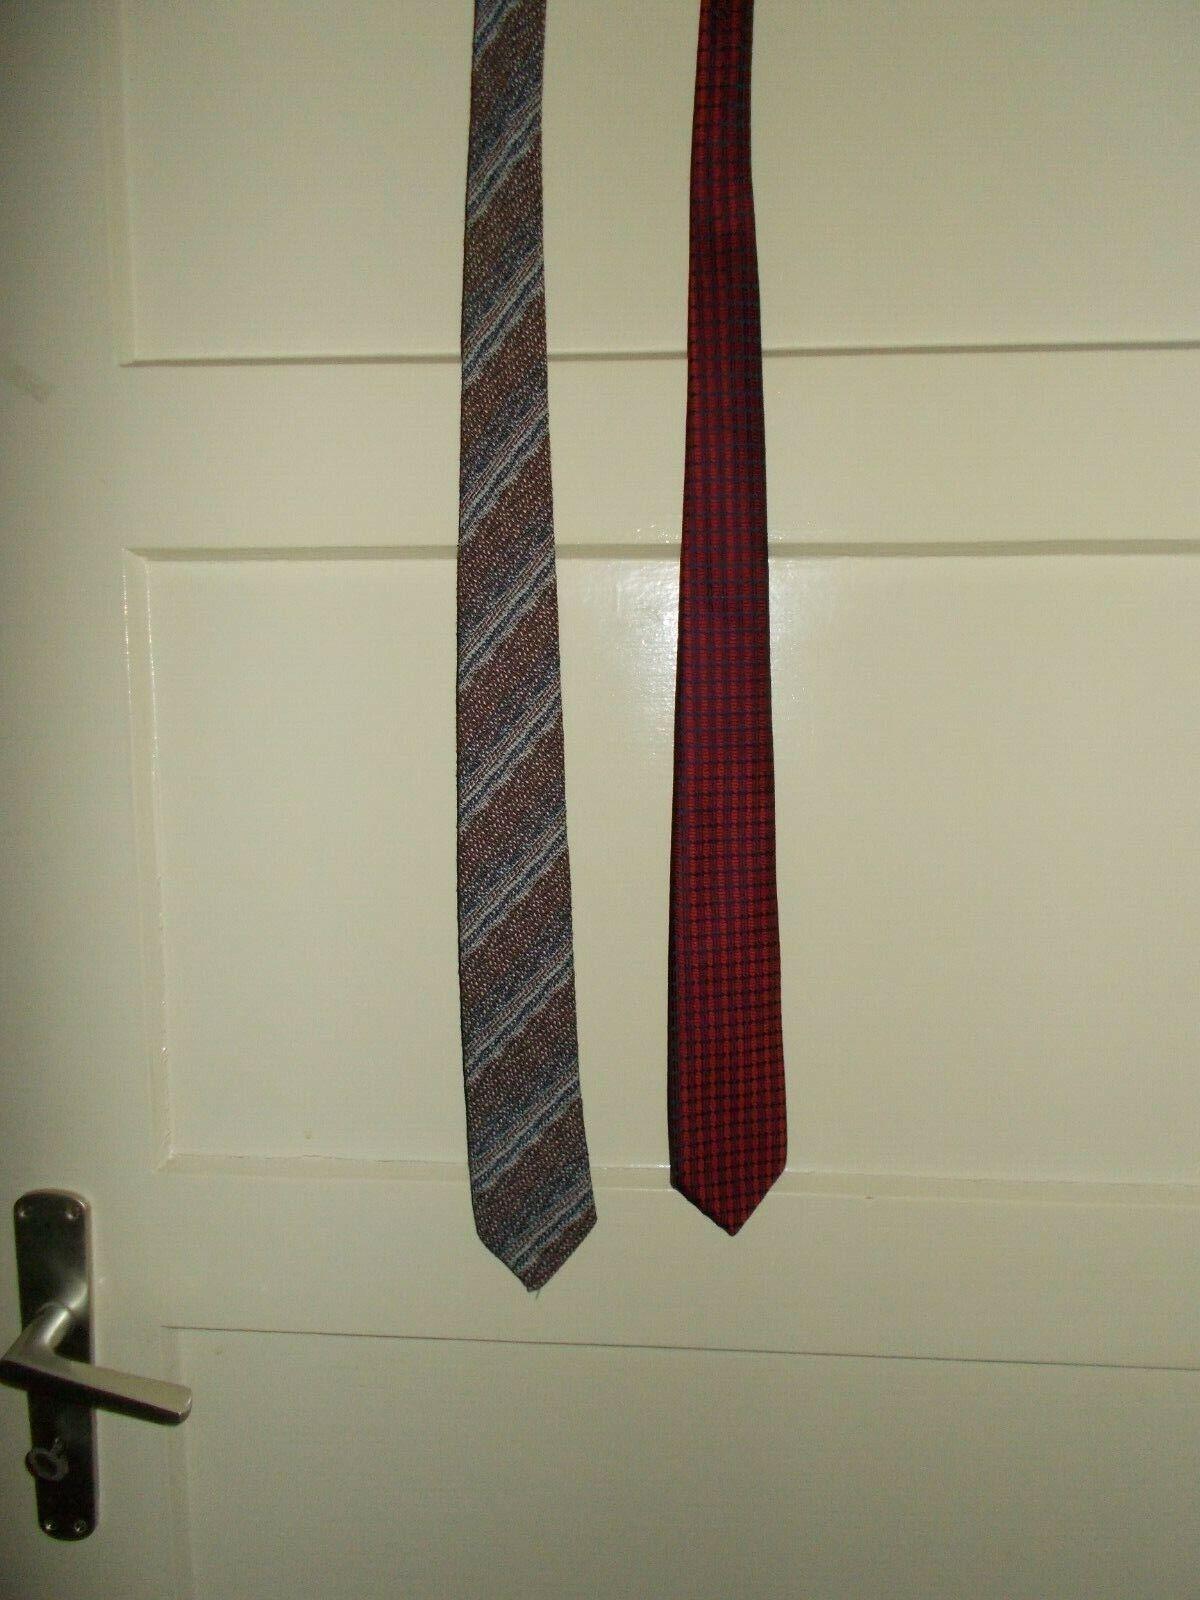 2 Krawatten - Vintage - Orbis,Attilio